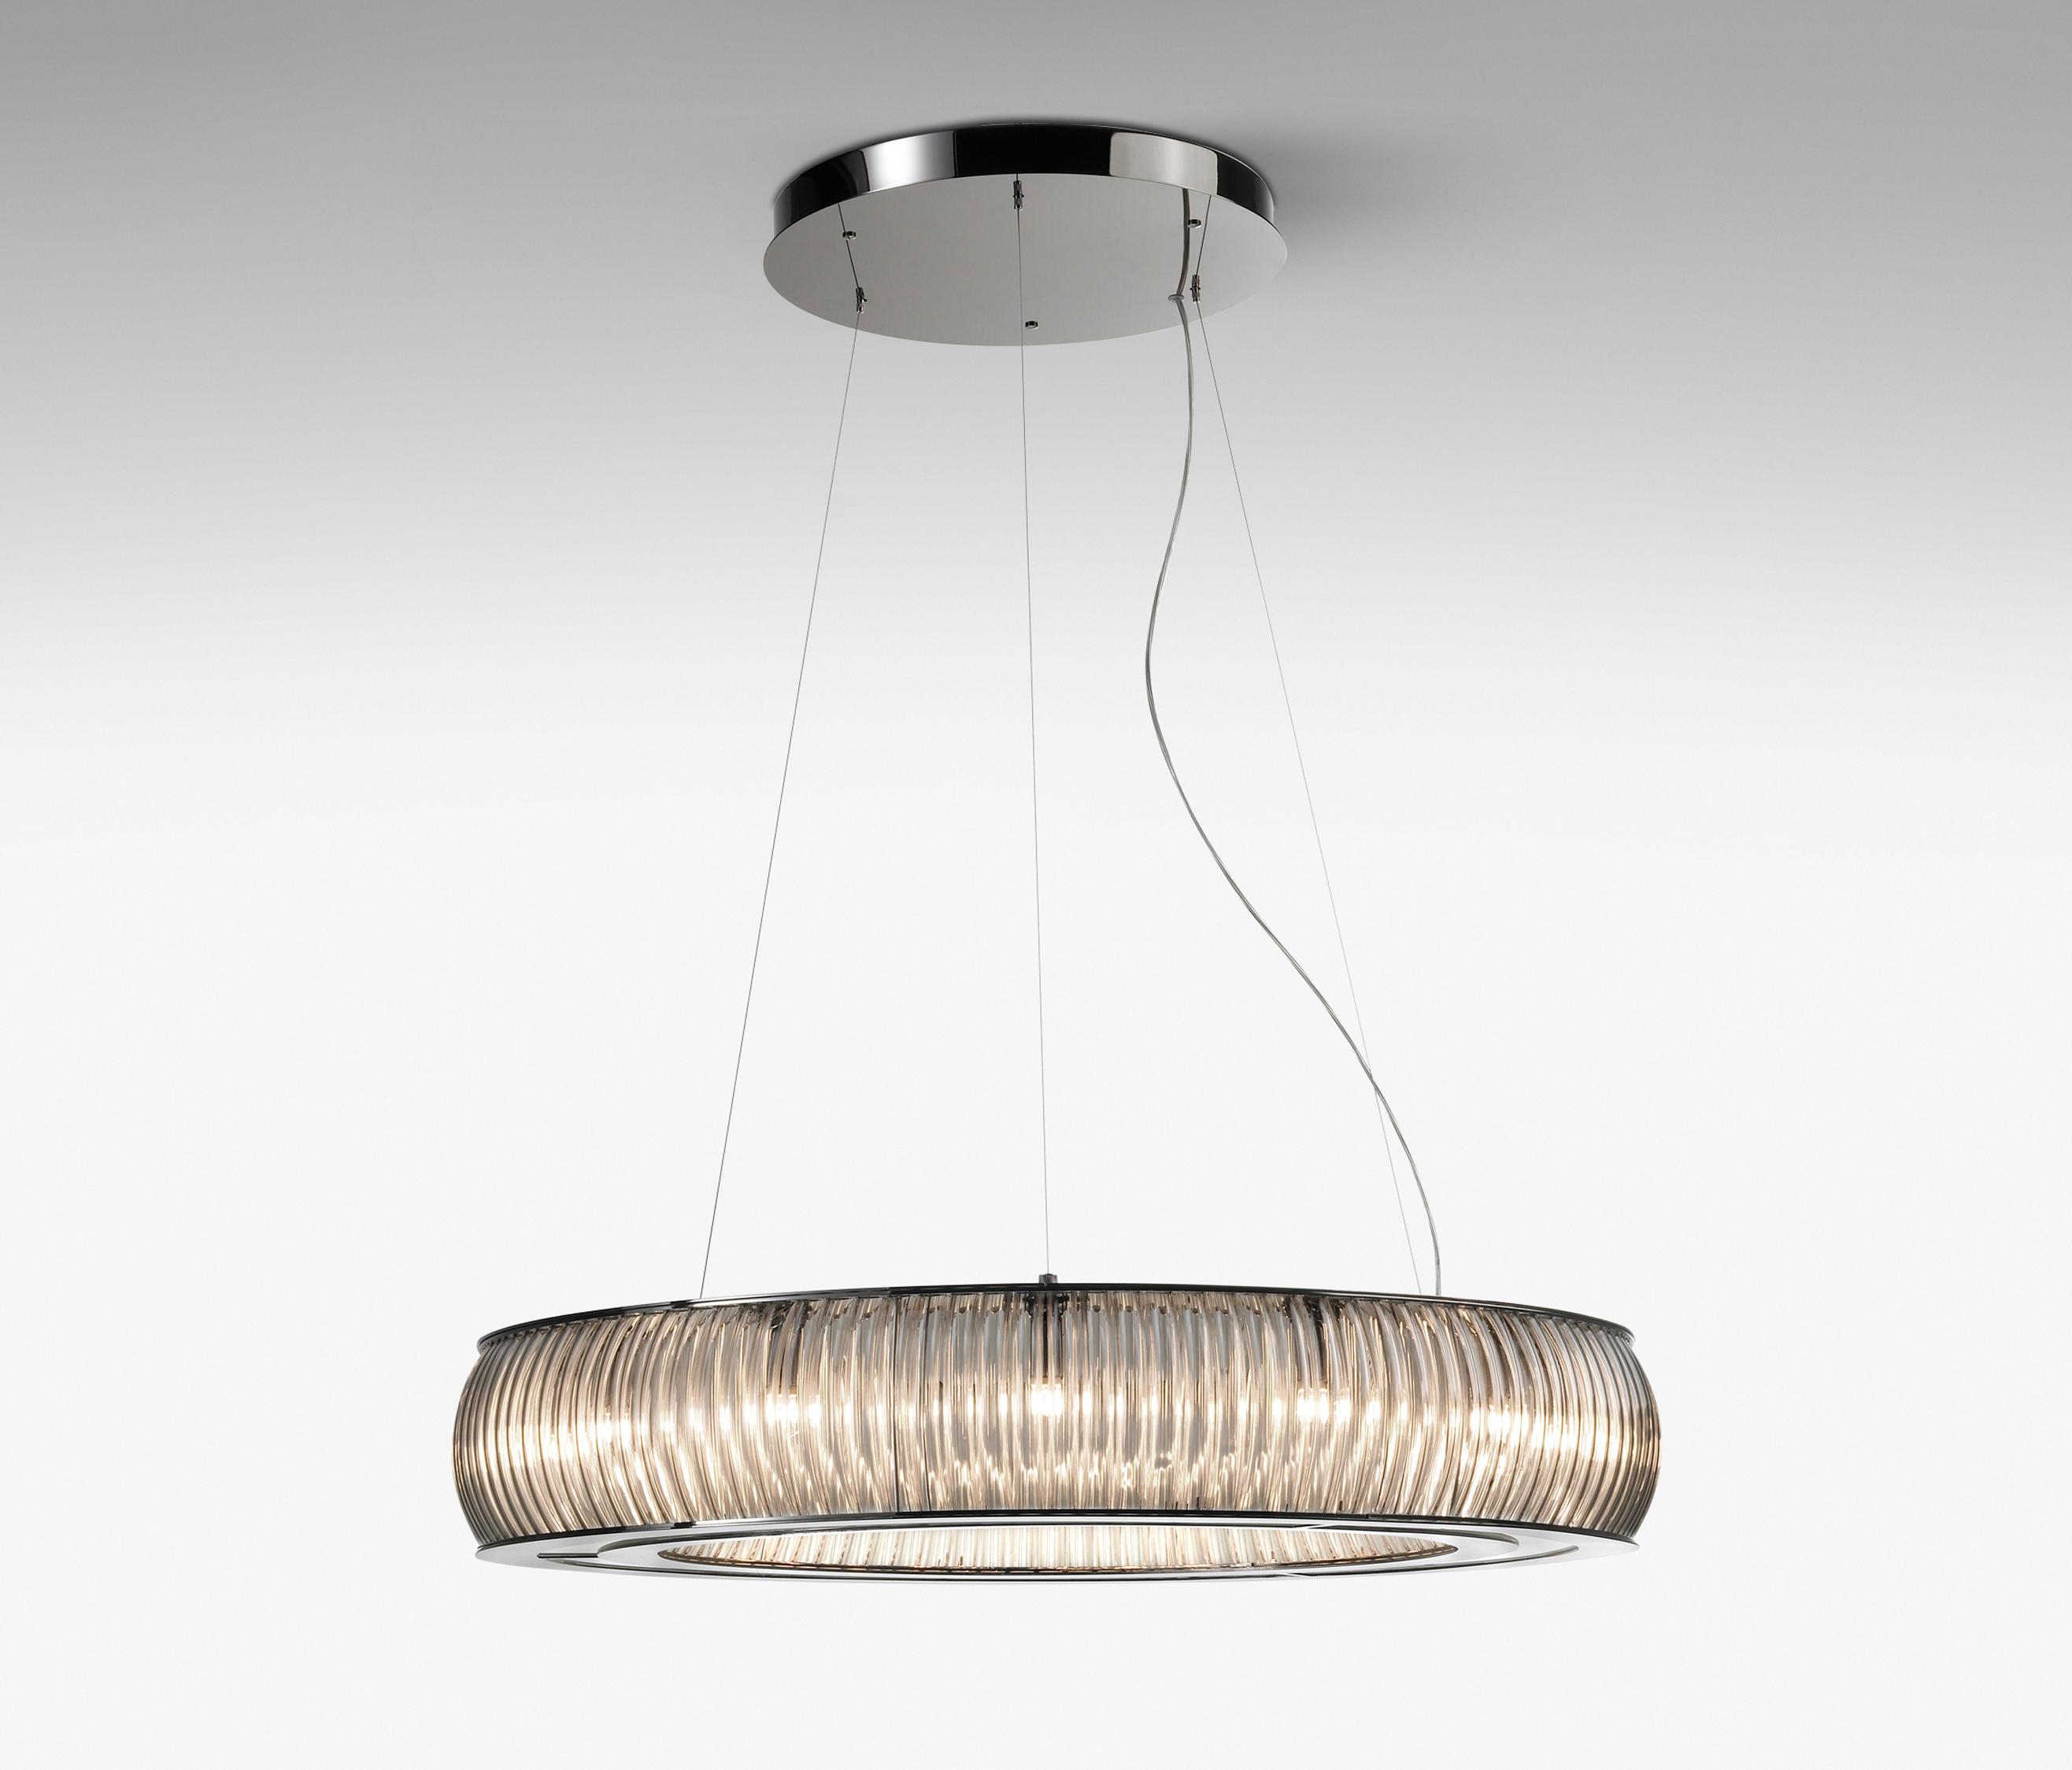 fc2e4a12e3c5 Reha Suspension Suspended Lights From Fendi Casa Architonic